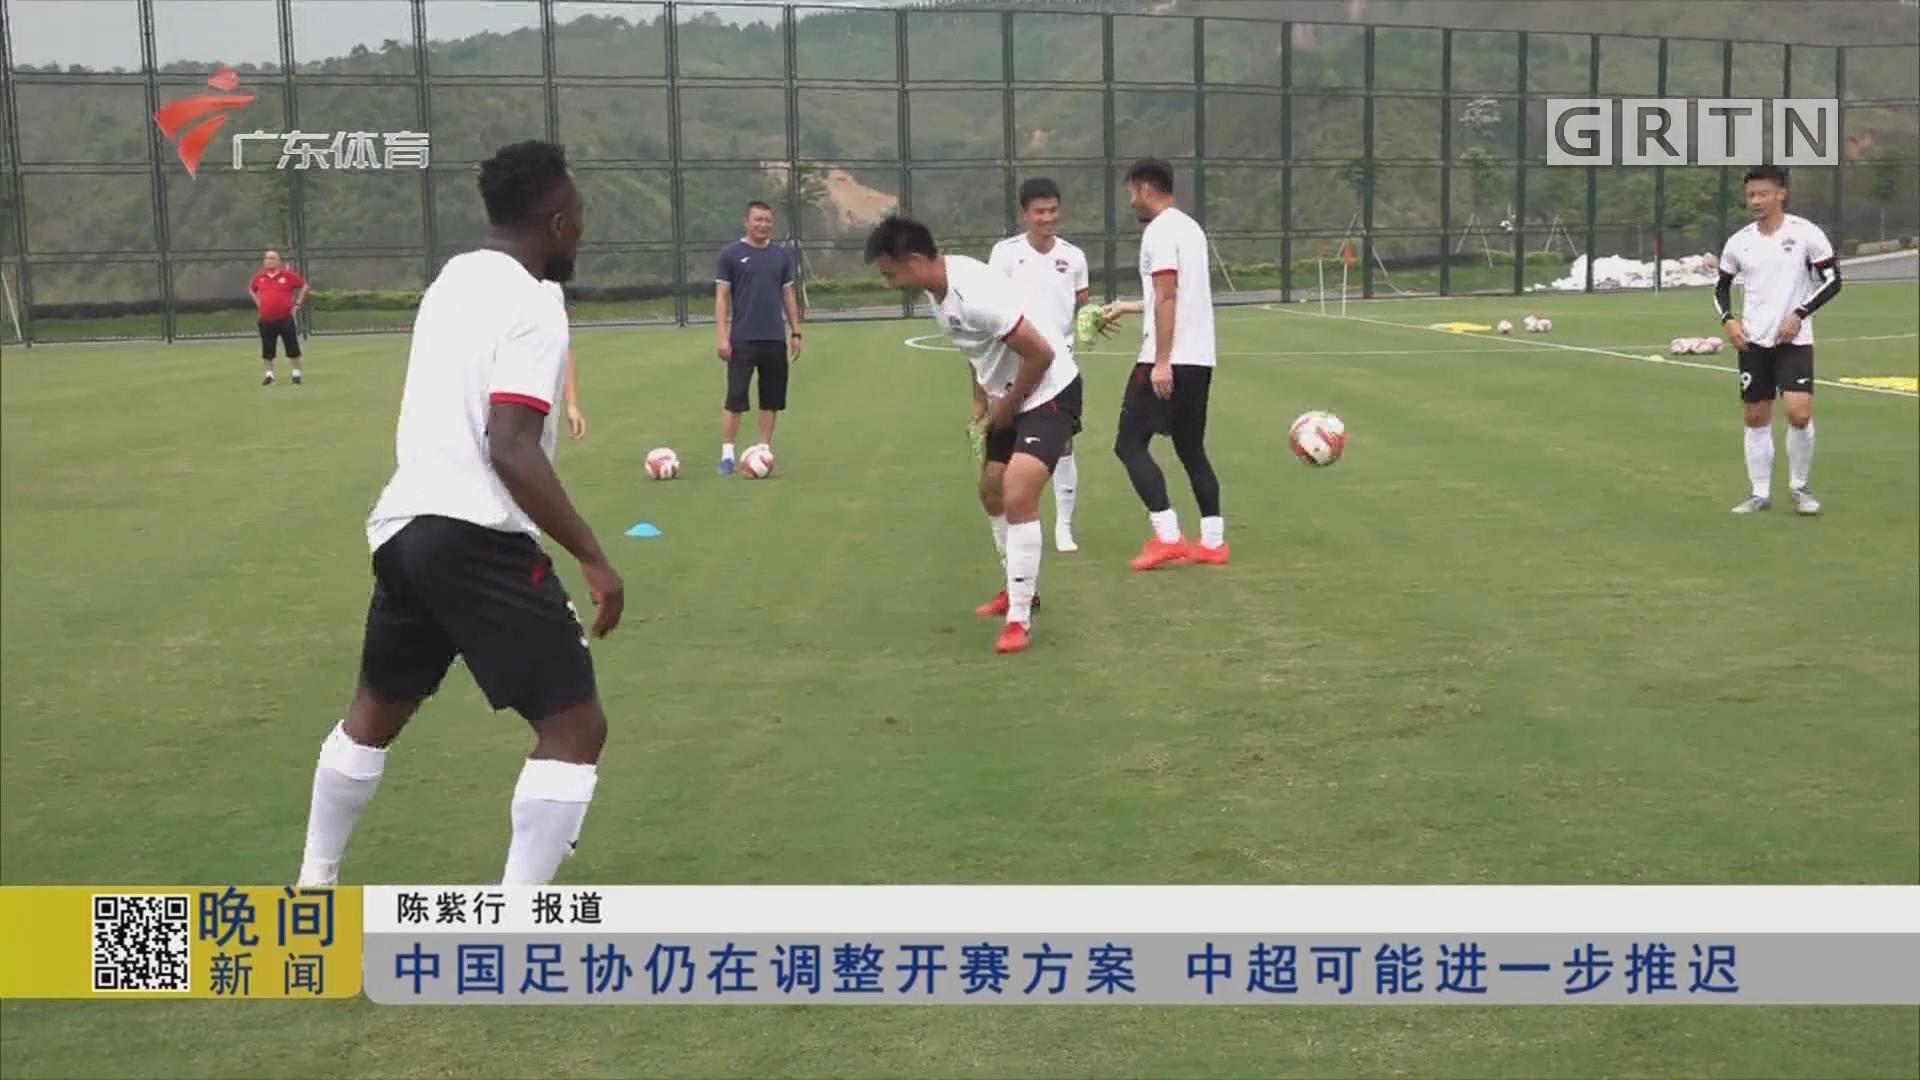 中国足协仍在调整开赛方案 中超可能进一步推迟